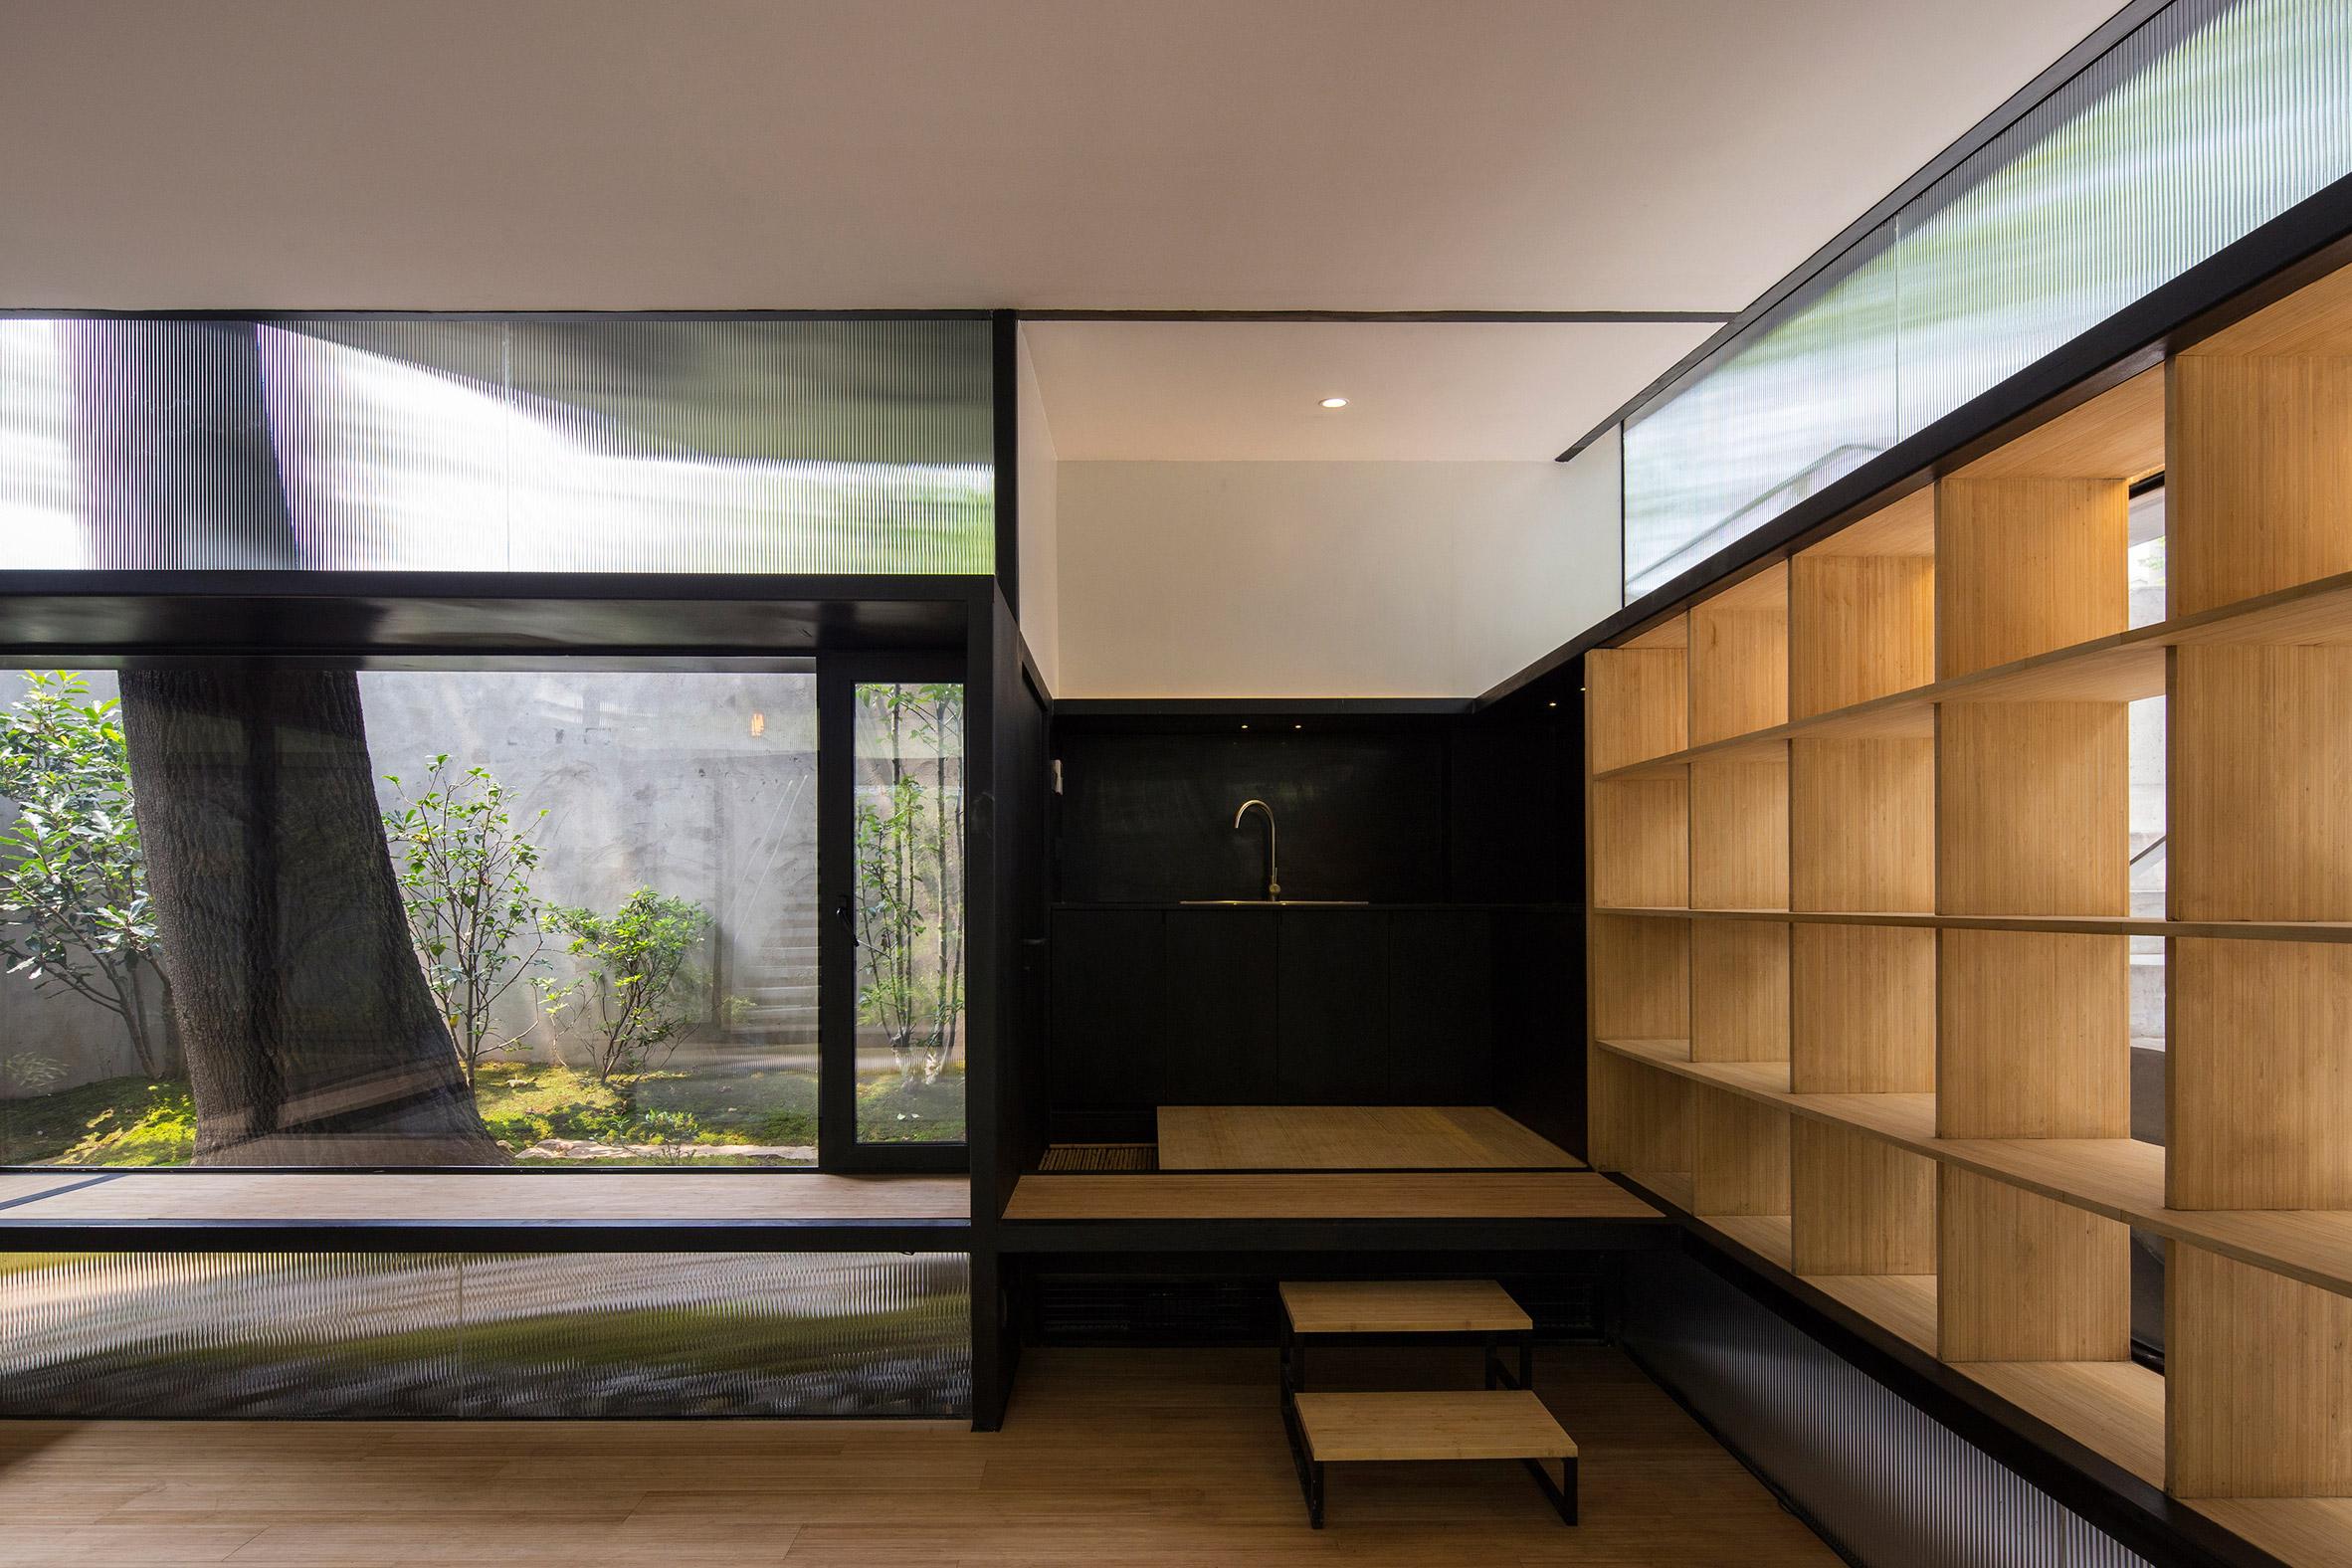 Thiết kế nội thất biệt thựnghỉ dưỡng 7